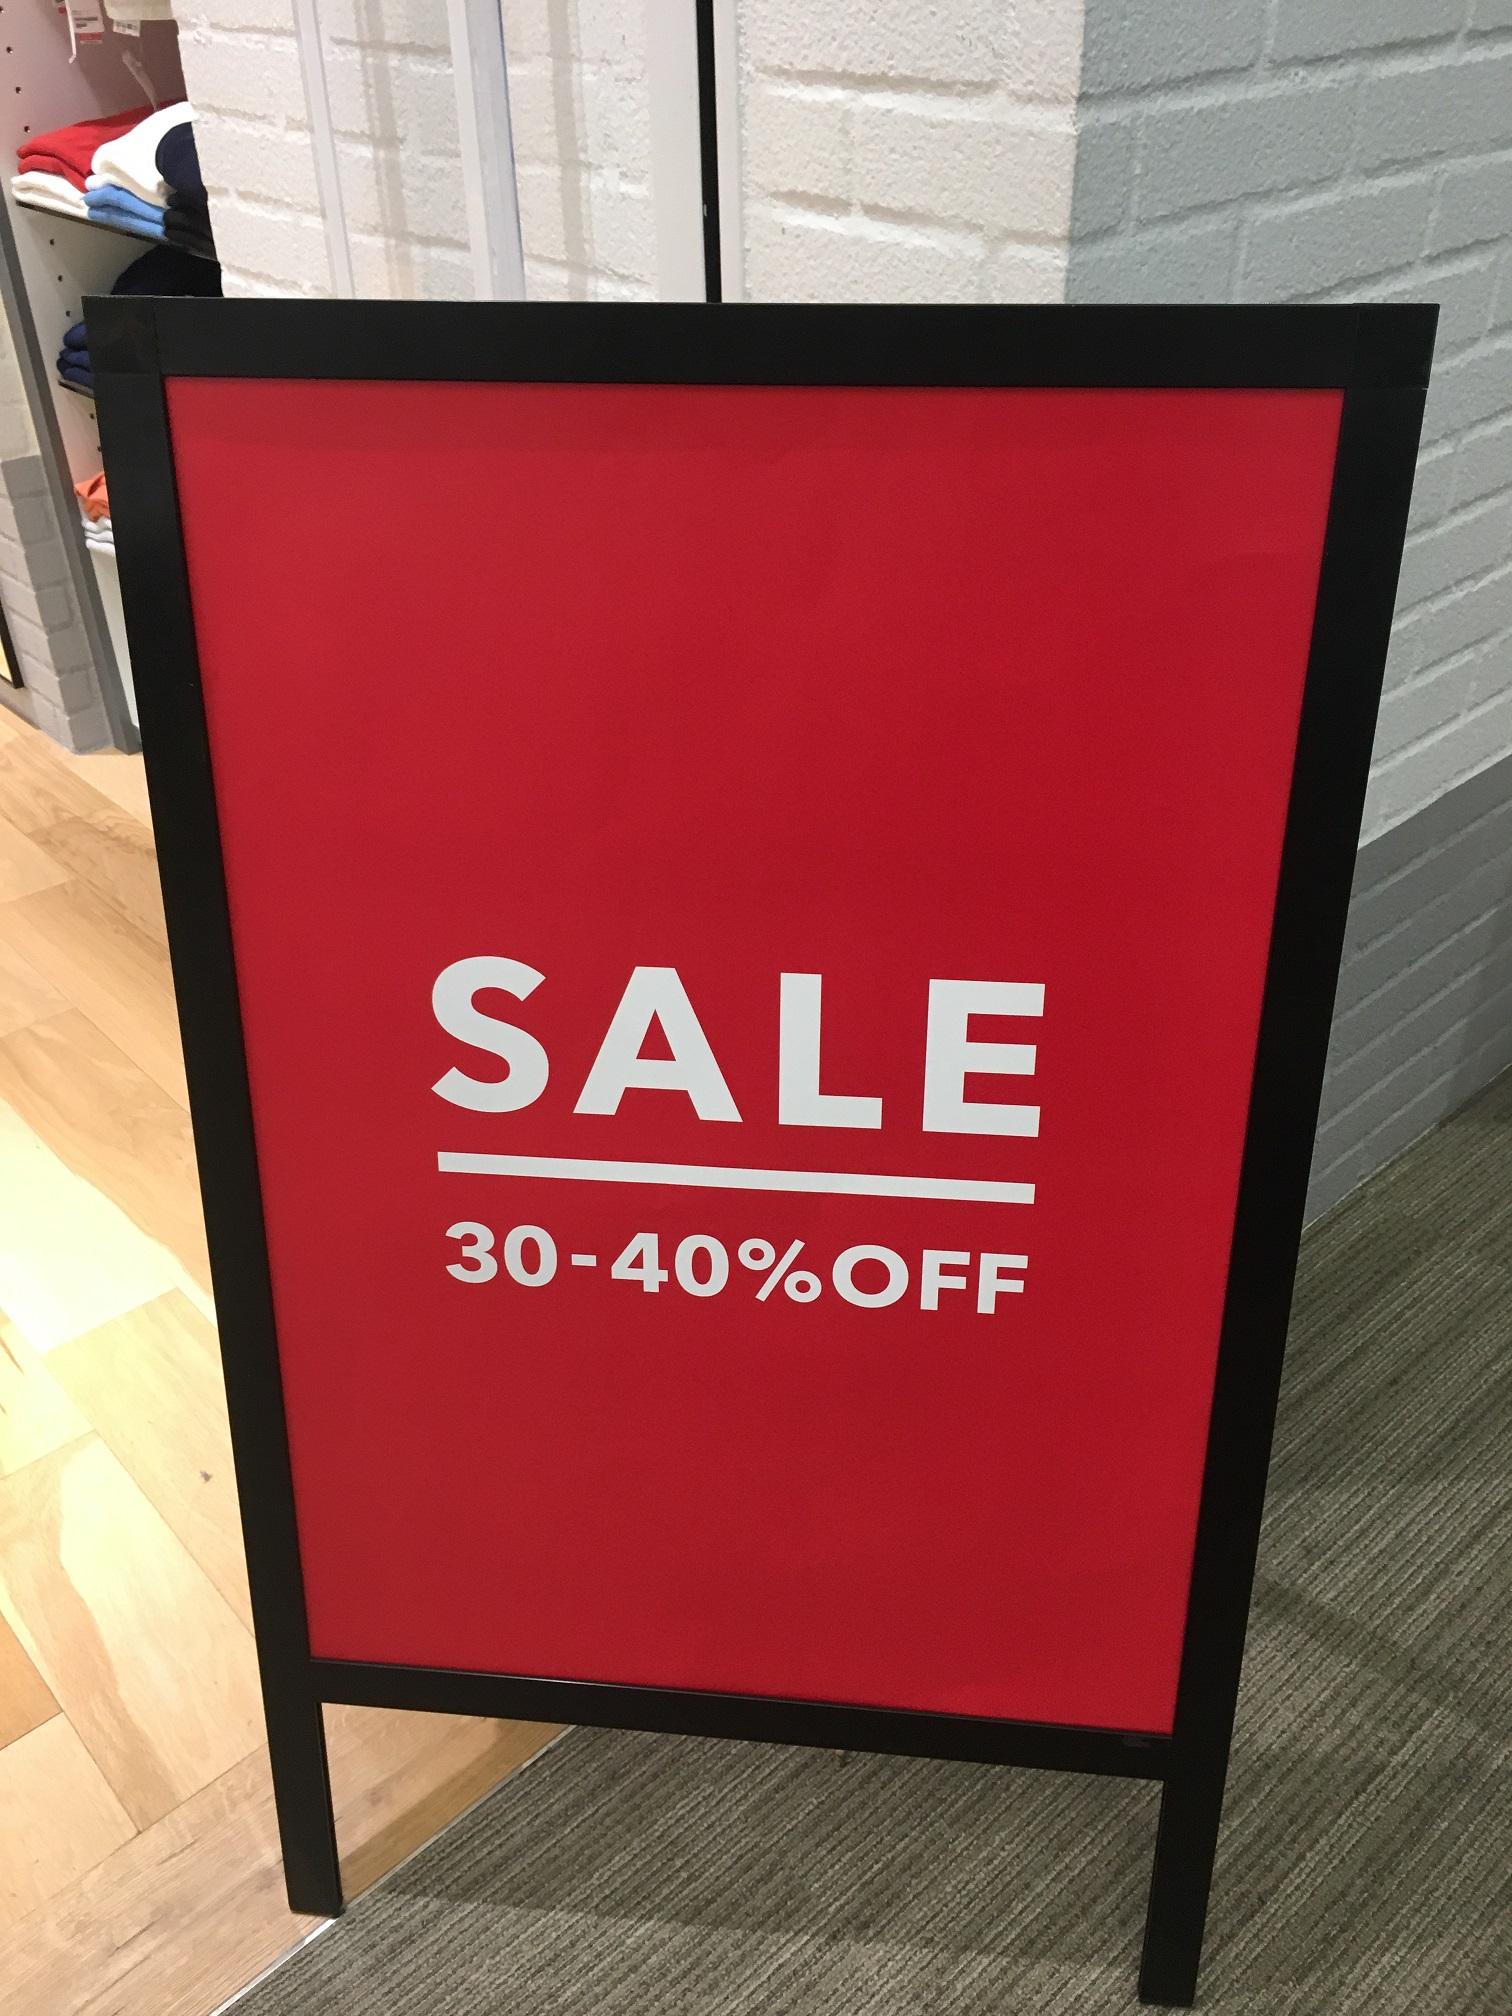 セールの勝ち組になる買い物術とは?